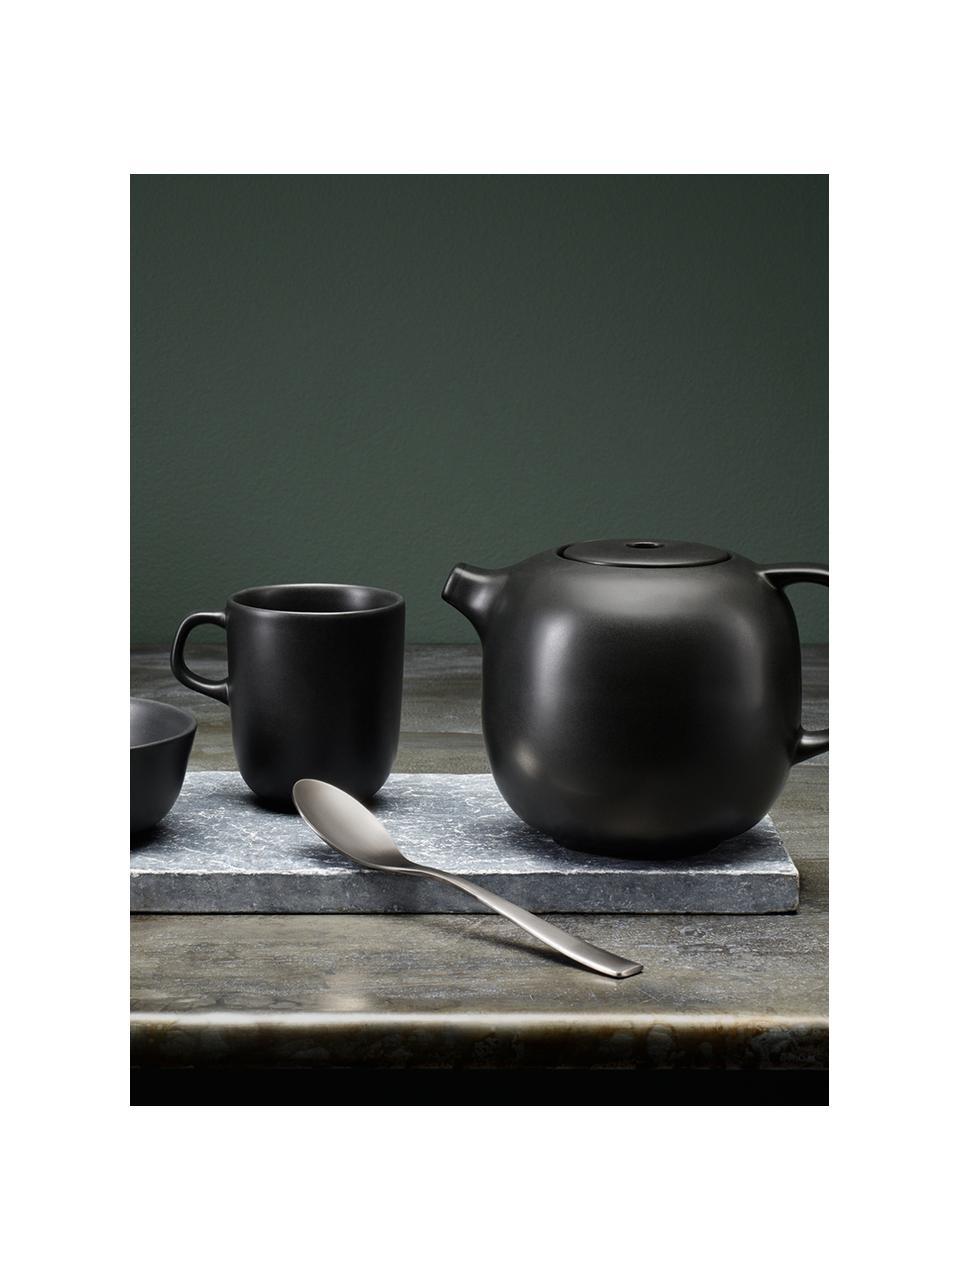 Tassen Nordic Kitchen in Schwarz matt, 4 Stück, Steingut, Schwarz, matt, 300 ml